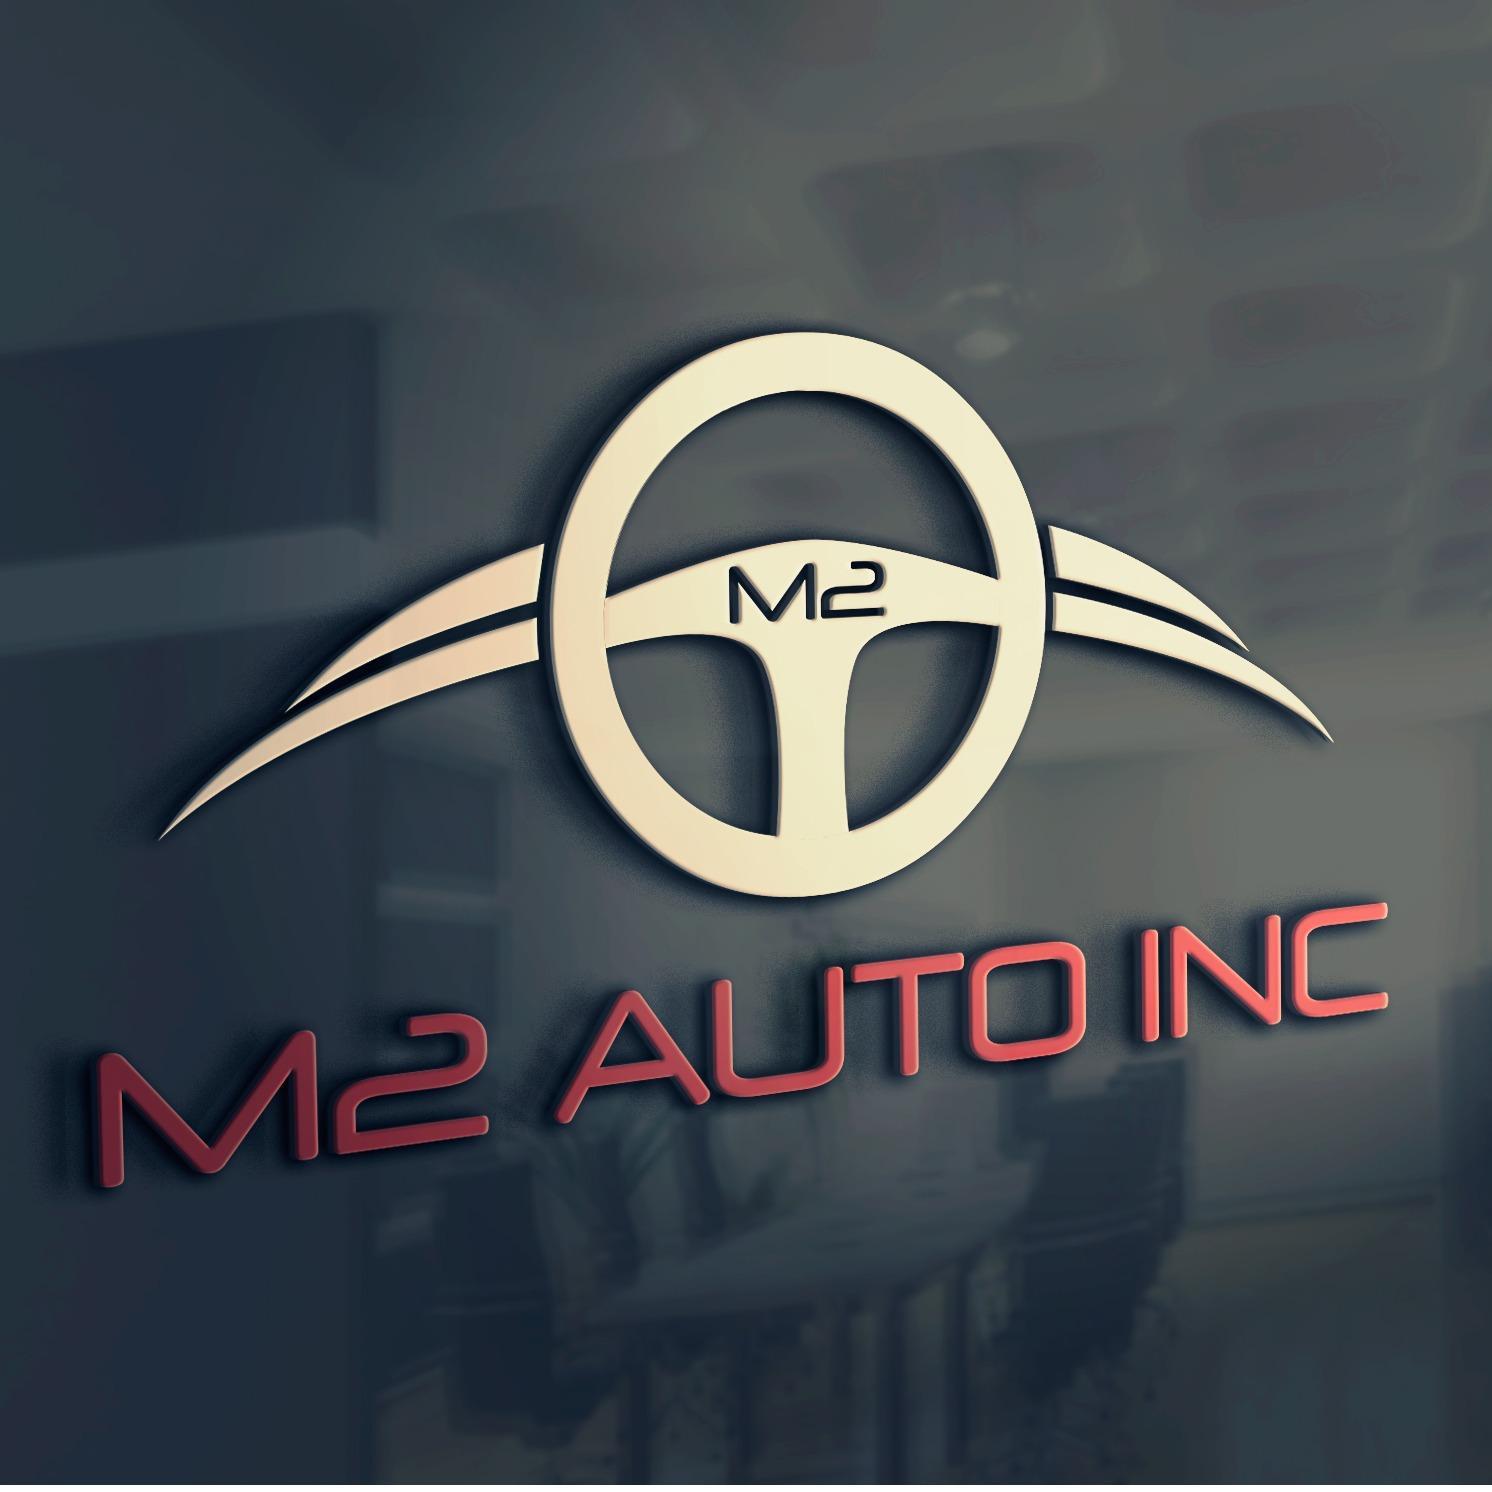 M2 Auto Inc - Gardena, CA 90248 - (310)340-1466   ShowMeLocal.com